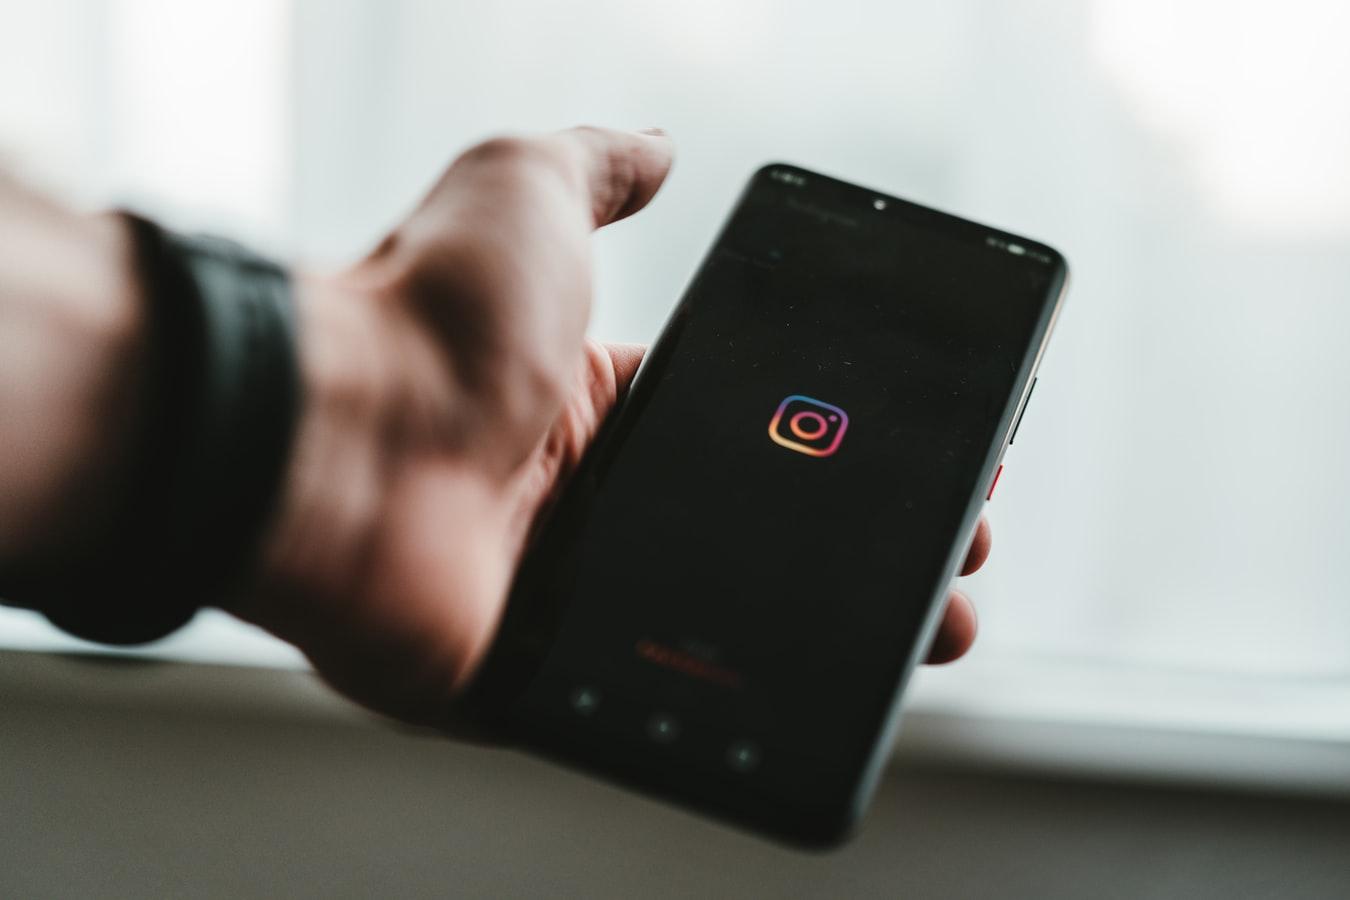 Cómo enviar Instagram DM desde su computadora de escritorio / portátil en sencillos pasos